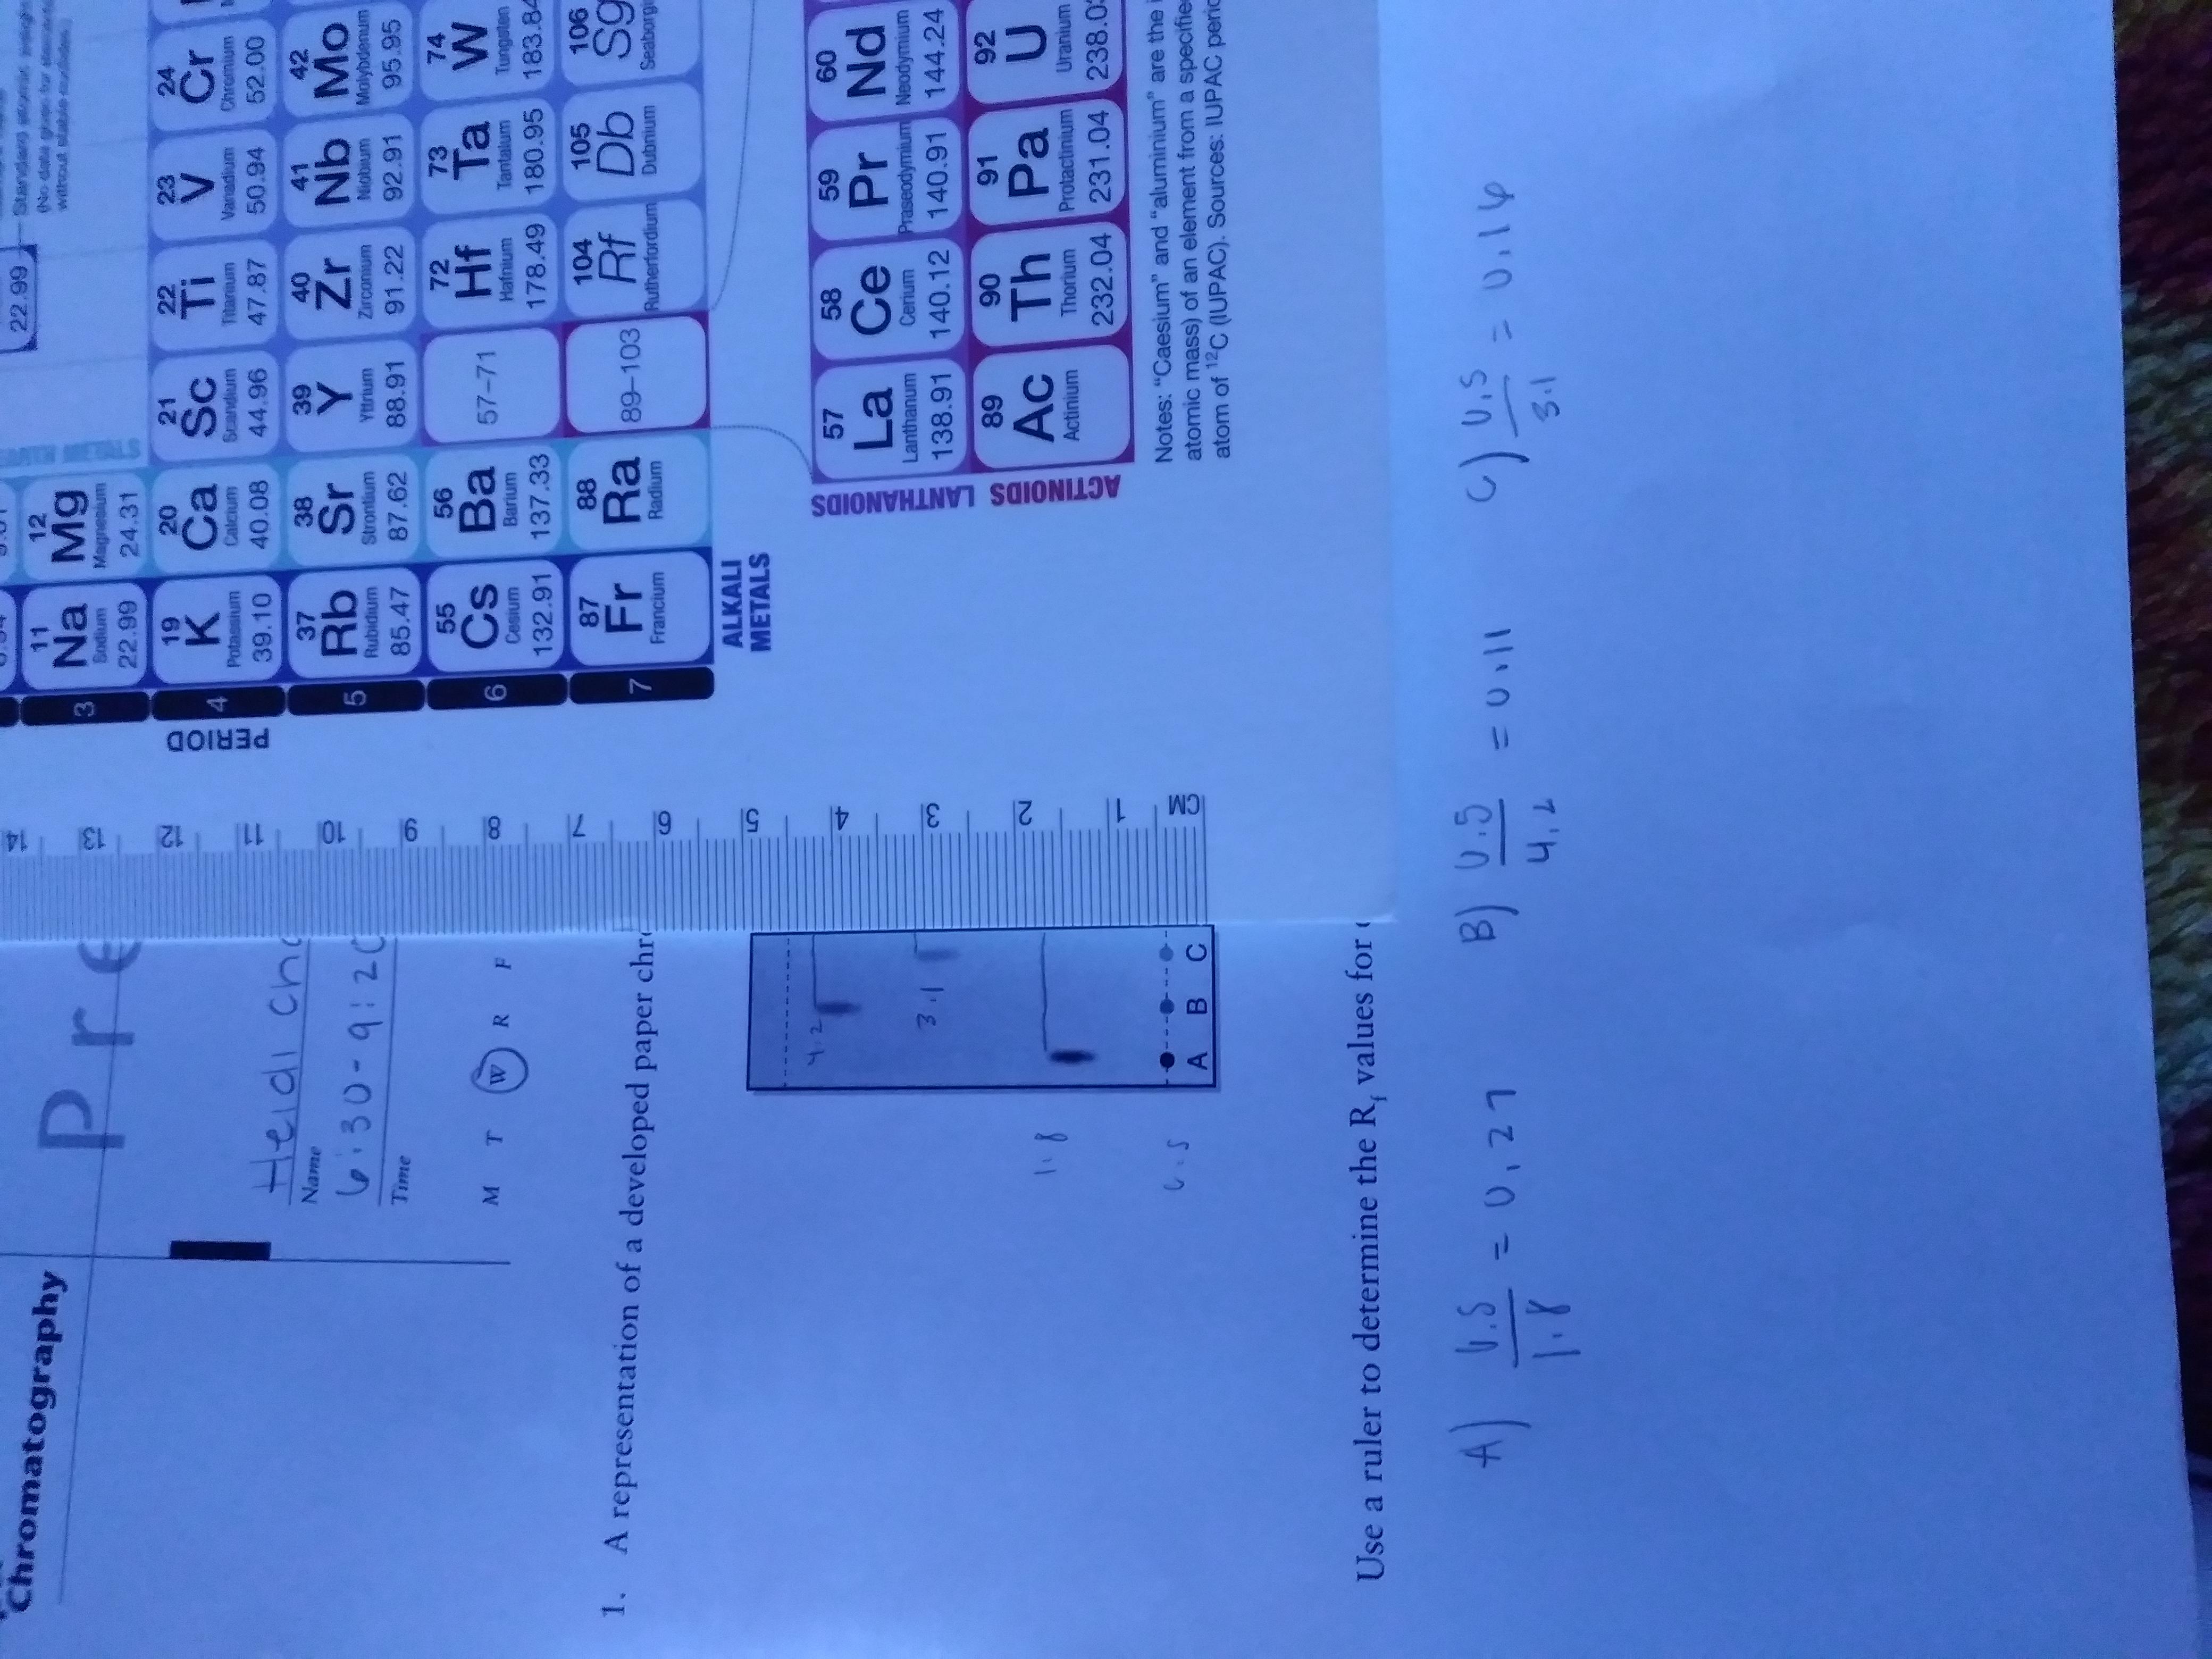 """R 2 3 4 T 5 CM 1 10 11 12 13 14 PERIOD ACTINOIDS LANTHANOIDS 89 Chromatography 66 22 ns 11 12 Na Mg (No date wthout mpioe: Magnesium 662 24.31 61P Ca Sc 21 22 24 Cr Potassium Calclum Scandium Titanium Vanadium Chremium 44.96 47.87 50.94 52.00 eidi ch 39.10 40.08 Name 38 41 42 Zr Nb Mo 7 OV 30-9:20 Rb Sr Rubidium Strontium Zirconium Niobium 95.95 wnuepq 85.47 87.62 88.91 91.22 92.91 hit: 55 72 73 74 Cs Ba 965 Hf Та 57-71 Cesium Barium Hafnium Tantalum Tungsten 132.91 137.33 178.49 180.95 183.84 90 Rf Db Sg 87 88 104 105 1. A representation of a developed paper chr Fr Ra 89-103 Francium Radium Rutherfordium Dubnium Seaborgi ALKALI METALS 4:2 57 58 09 La Ce Се Pr Nd Praseodymium Neodymium 144.24 Lanthanum 138.91 140.12 140.91 91 92 06 Ac Th Pa Actinium Thorium Protactinium Uranium 9.1 232.04 231.04 238.0 Notes: """"Caesium"""" and """"aluminium are the i atomic mass) of an element from a specifie atom of 12C (IUPAC). Sources: lUPAC peric 19 A BC Use a ruler to determine the R, values for 0.5 BU.5 L010 0.S HOM 7'h"""